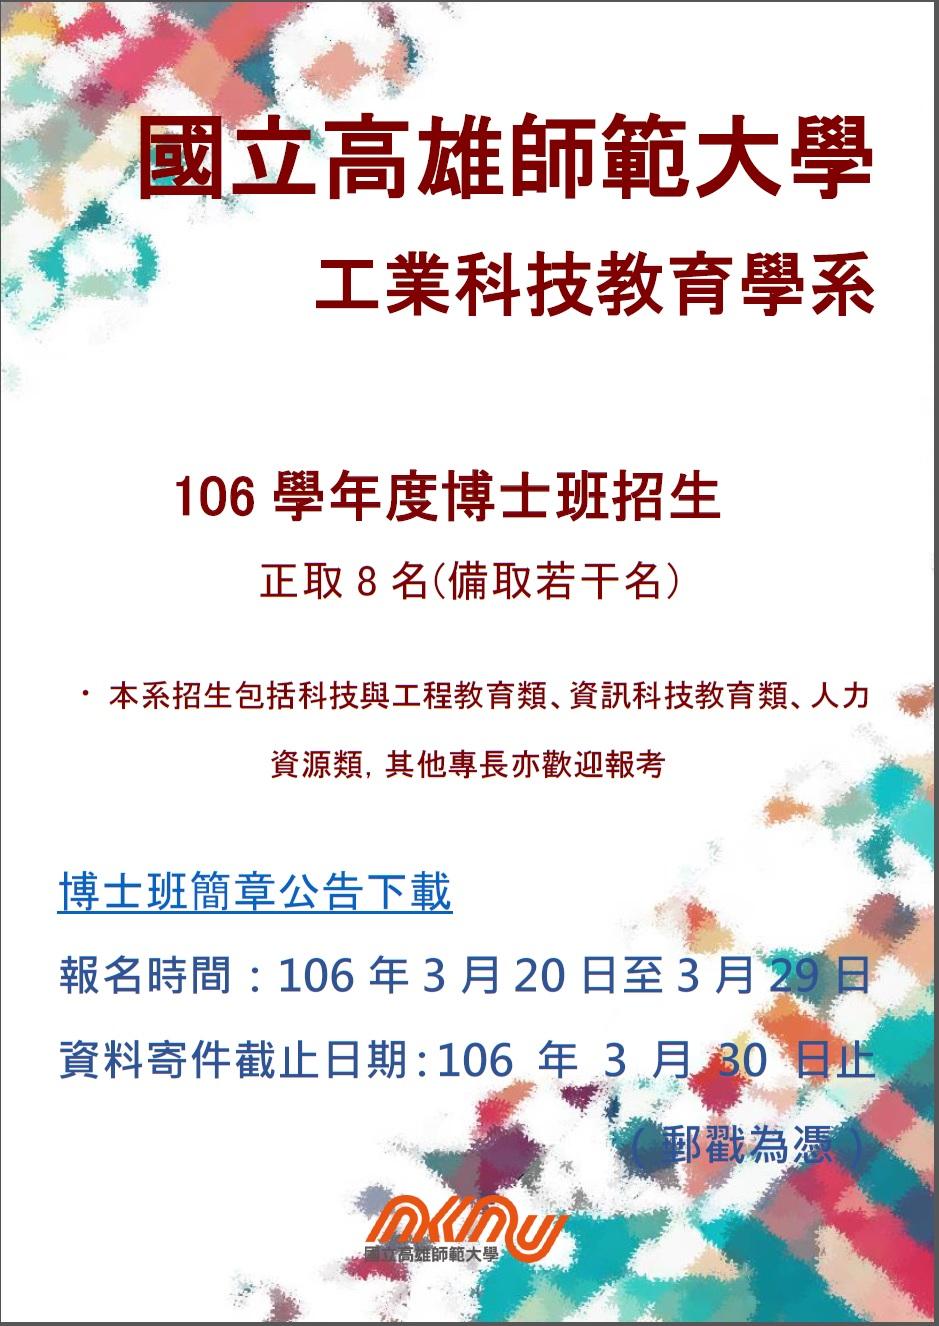 106phd1051207